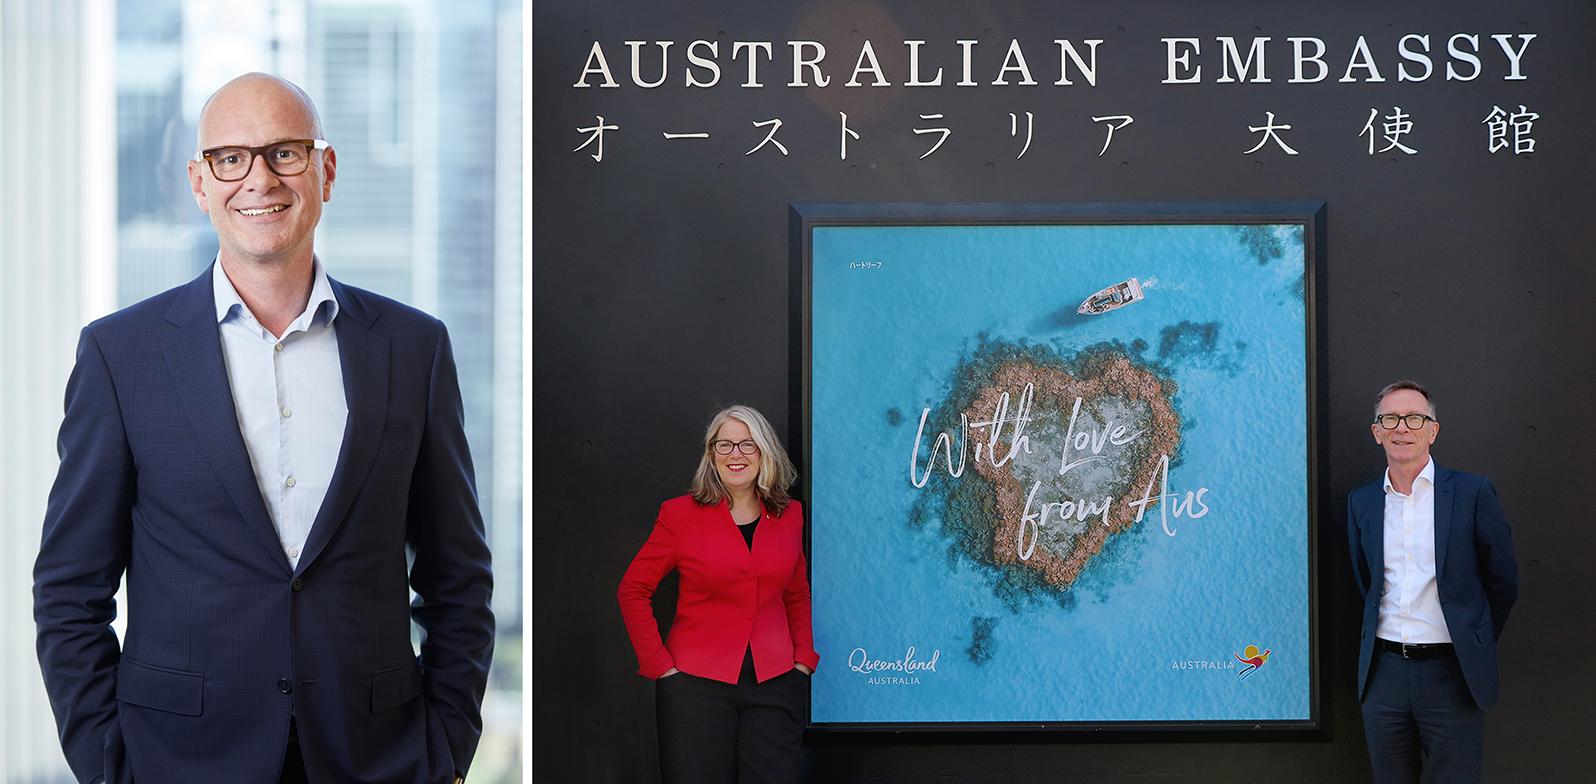 「オーストラリア政府観光局 アンドリュー・ホグ氏」と「With Love from Australia」画像